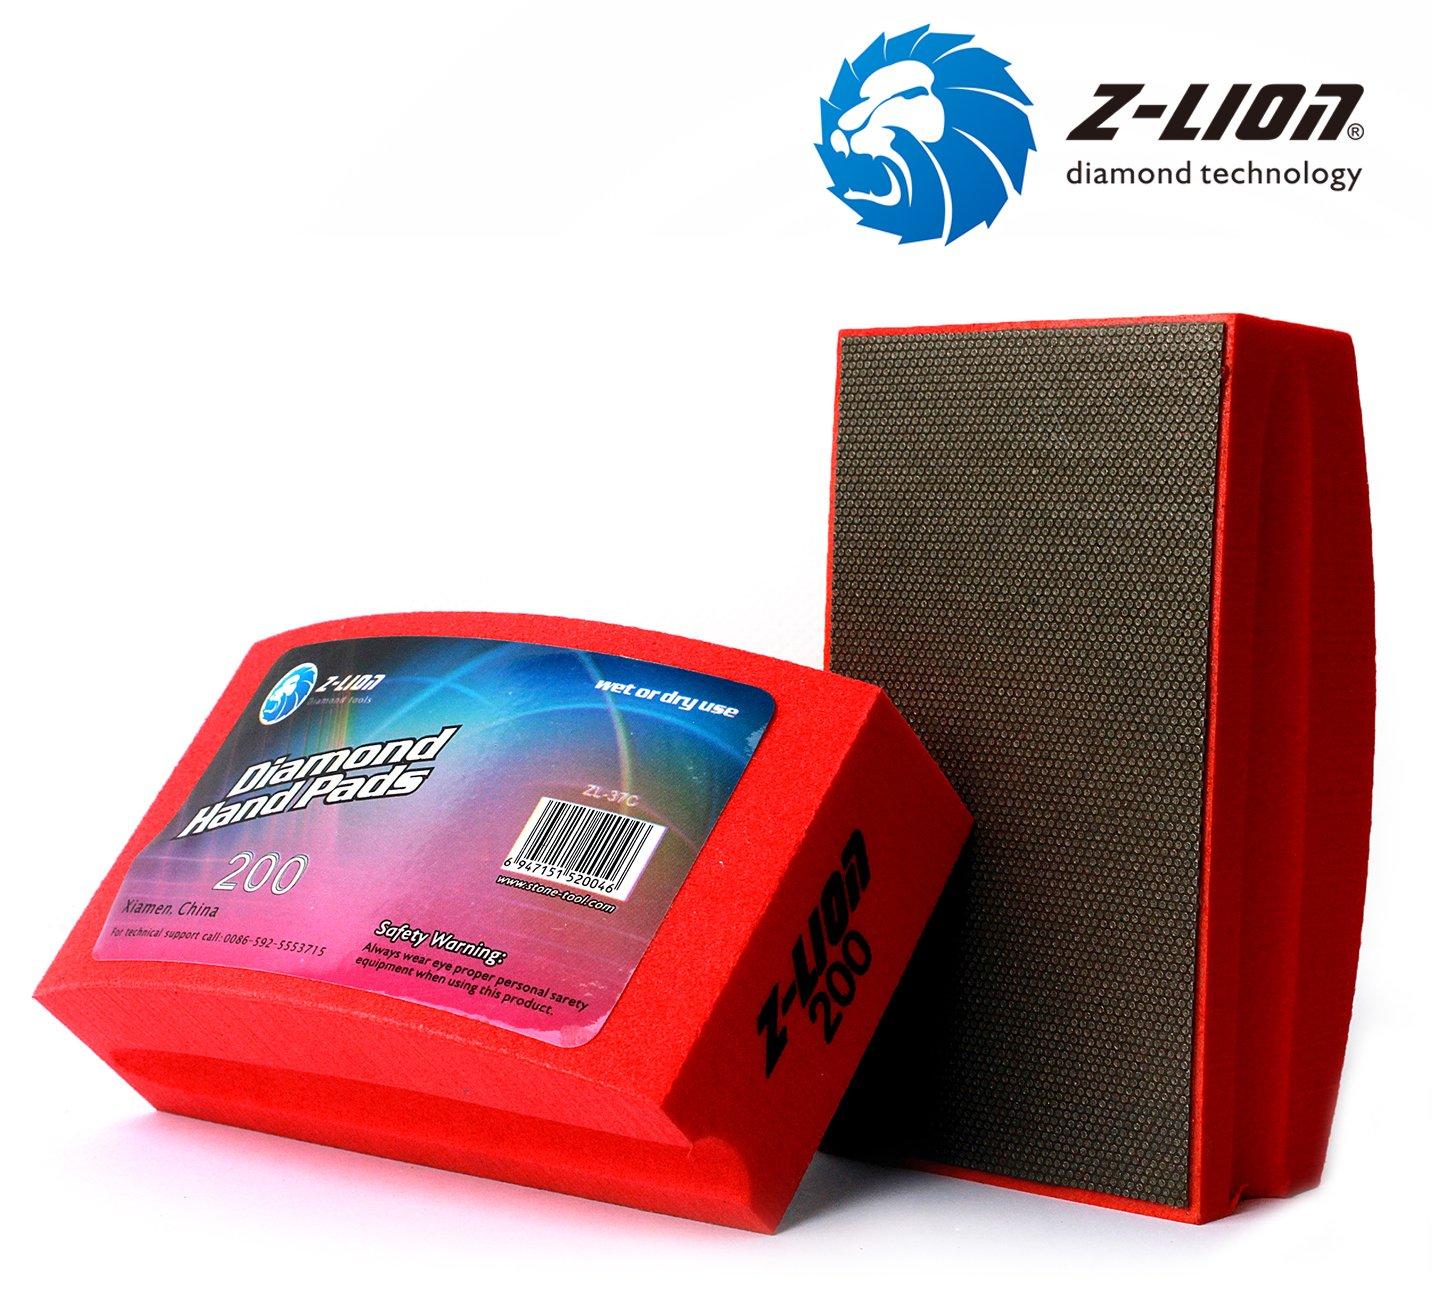 schwarz Z-lion galvanisierte Diamant-Polier-Handpads Bogenform R/ückseite f/ür Stein Glas Beton Granit Marmor Set von 4 St/ück